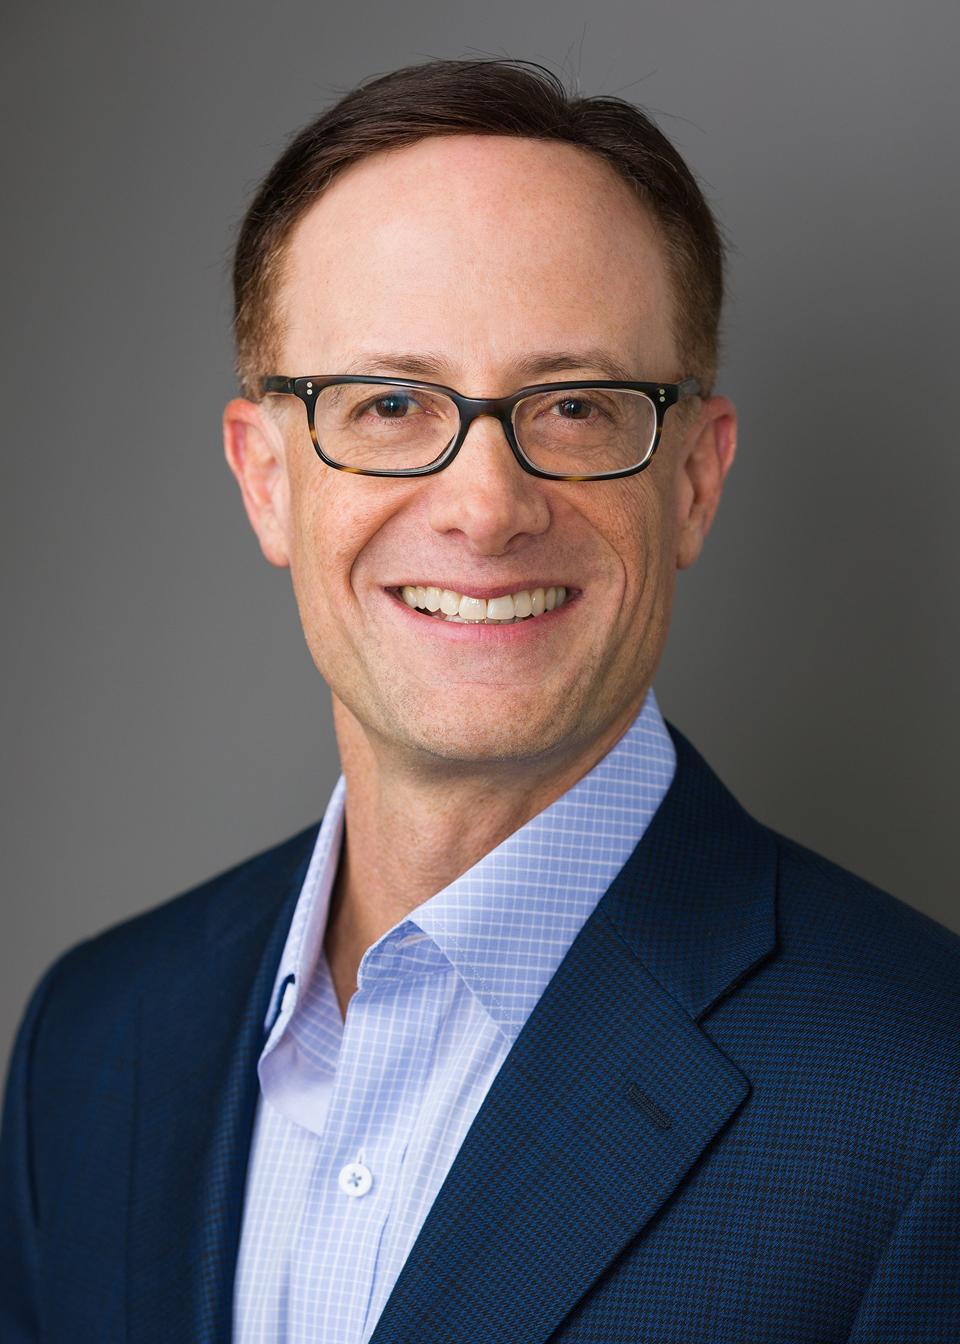 Jeff Grinspoon, Partner, VWG Wealth Management